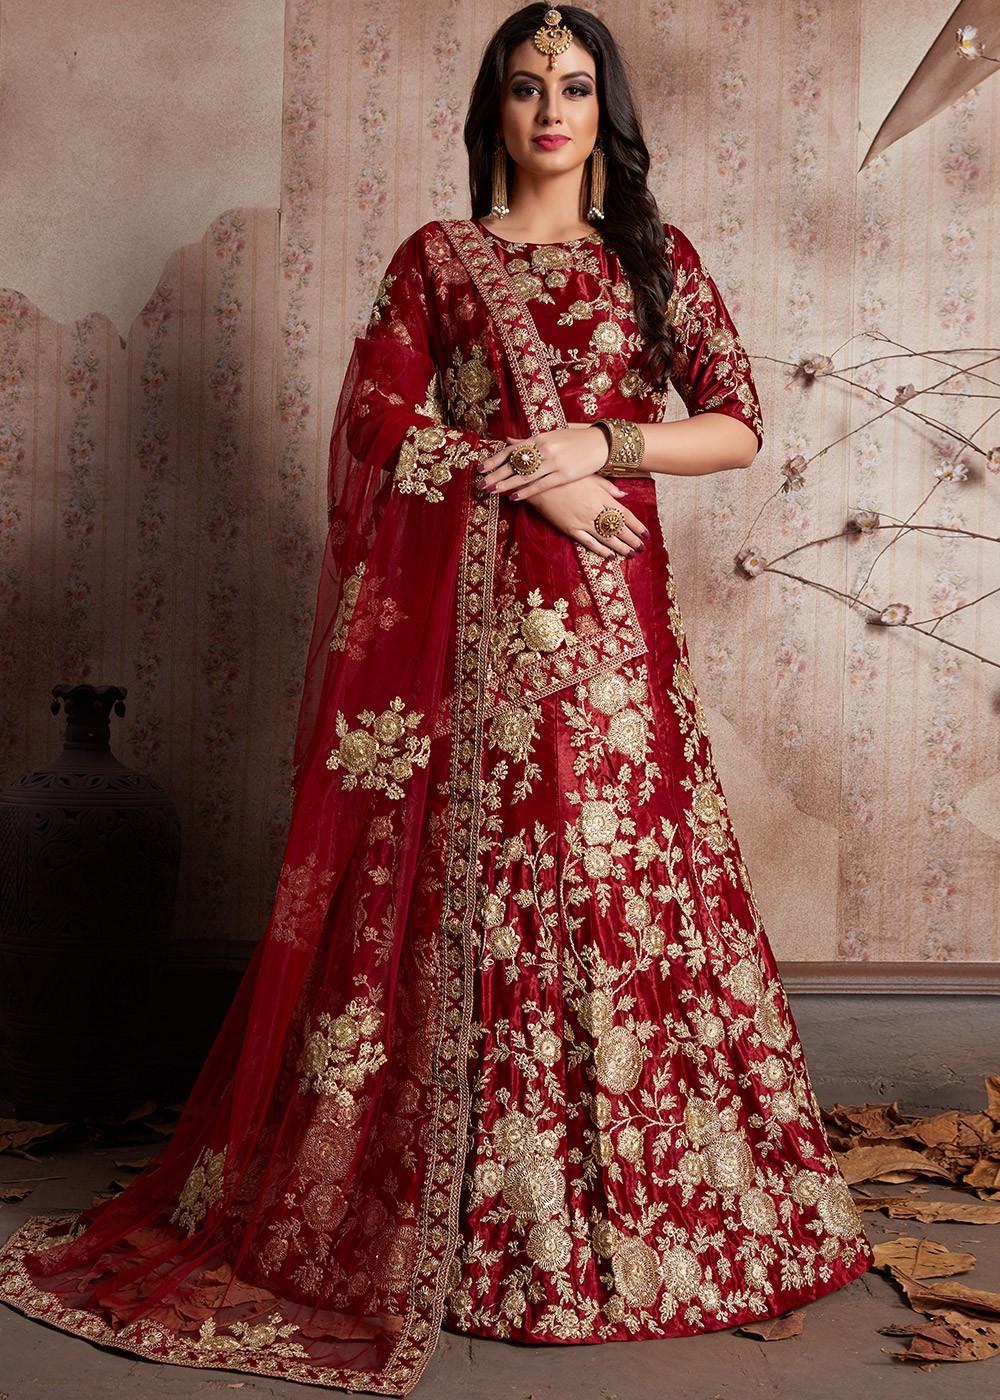 051da83c45 Maroon Embroidered Velvet Designer Bridal Lengha Choli Online Shopping  Maroon Embroidered Velvet Bridal Lehenga ...